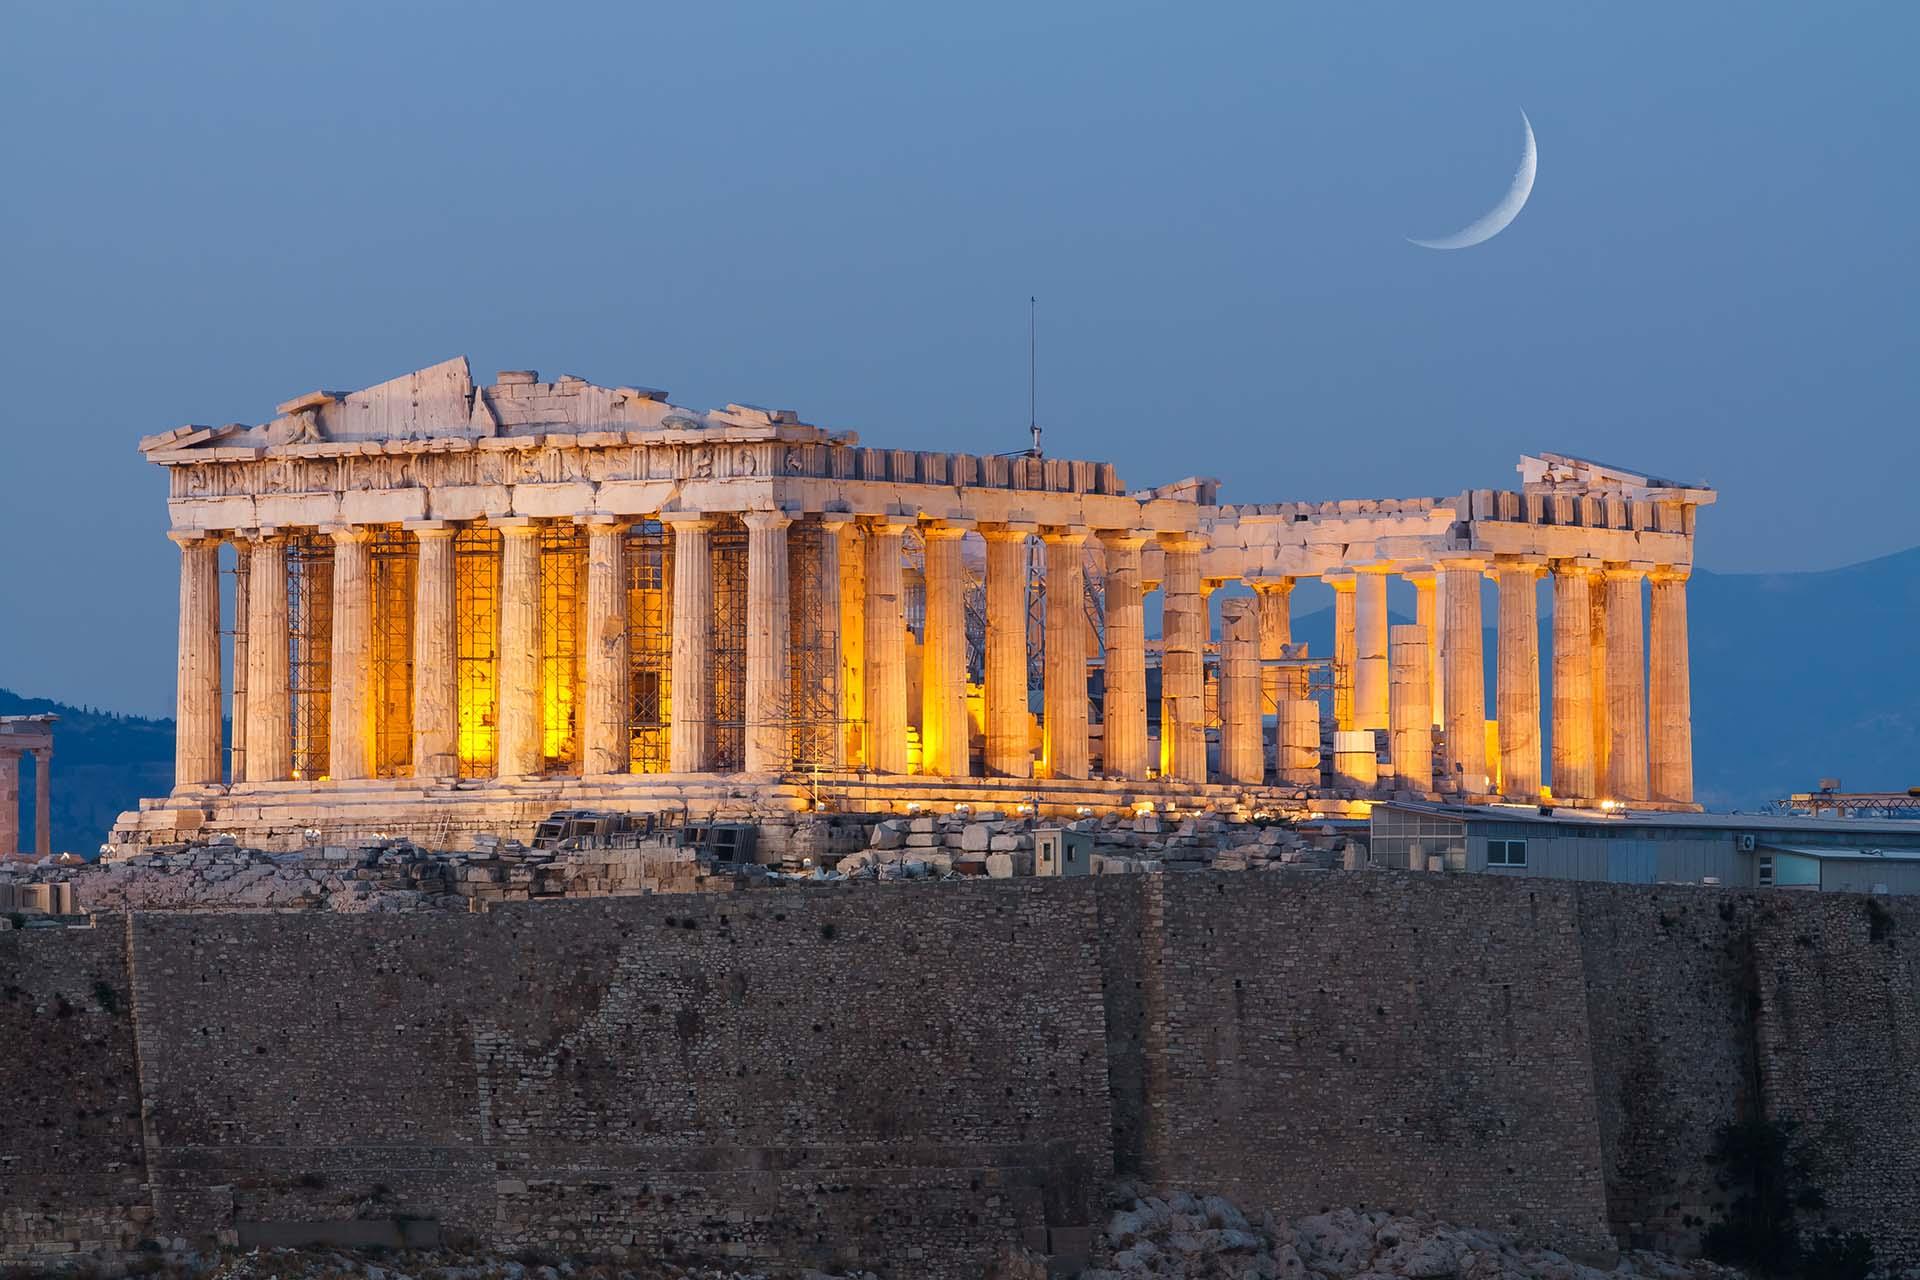 La capital griega de Atenas ofrece capa tras capa de historia antigua que todavía acelera los corazones de quienes la visitan. Además de la magnífica Acrópolis, la ciudad tiene una energía creativa y urbana: música en vivo en el Bouzoukia y una increíble escena de arte contemporáneo